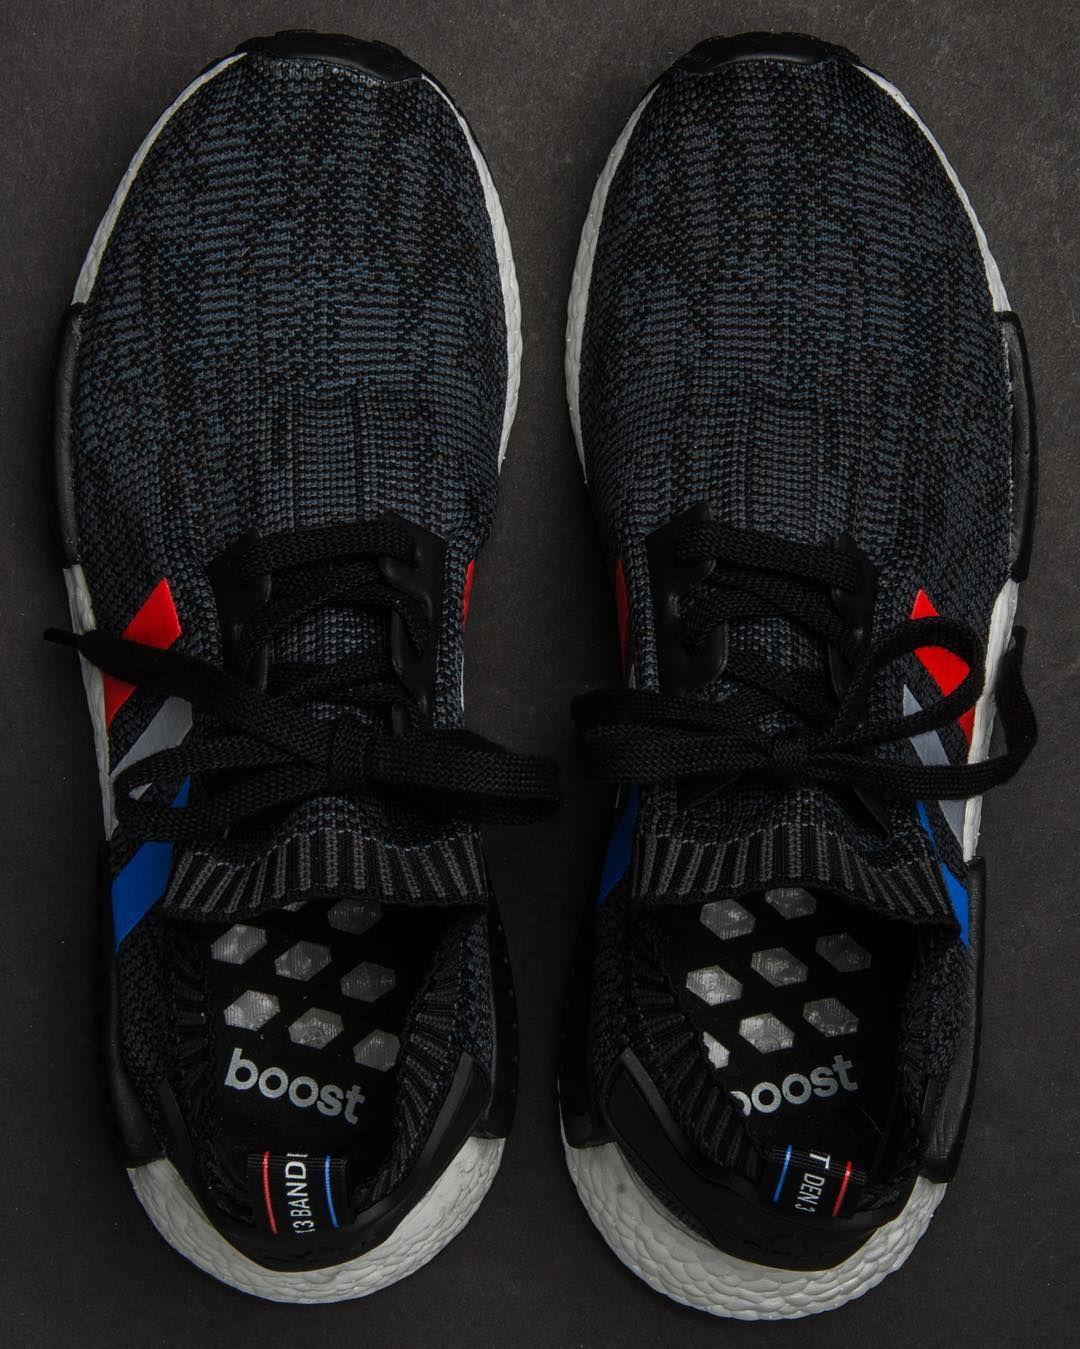 Zapatillas para hombres Adidas NMD tricolor Pinterest NMD, Adidas NMD